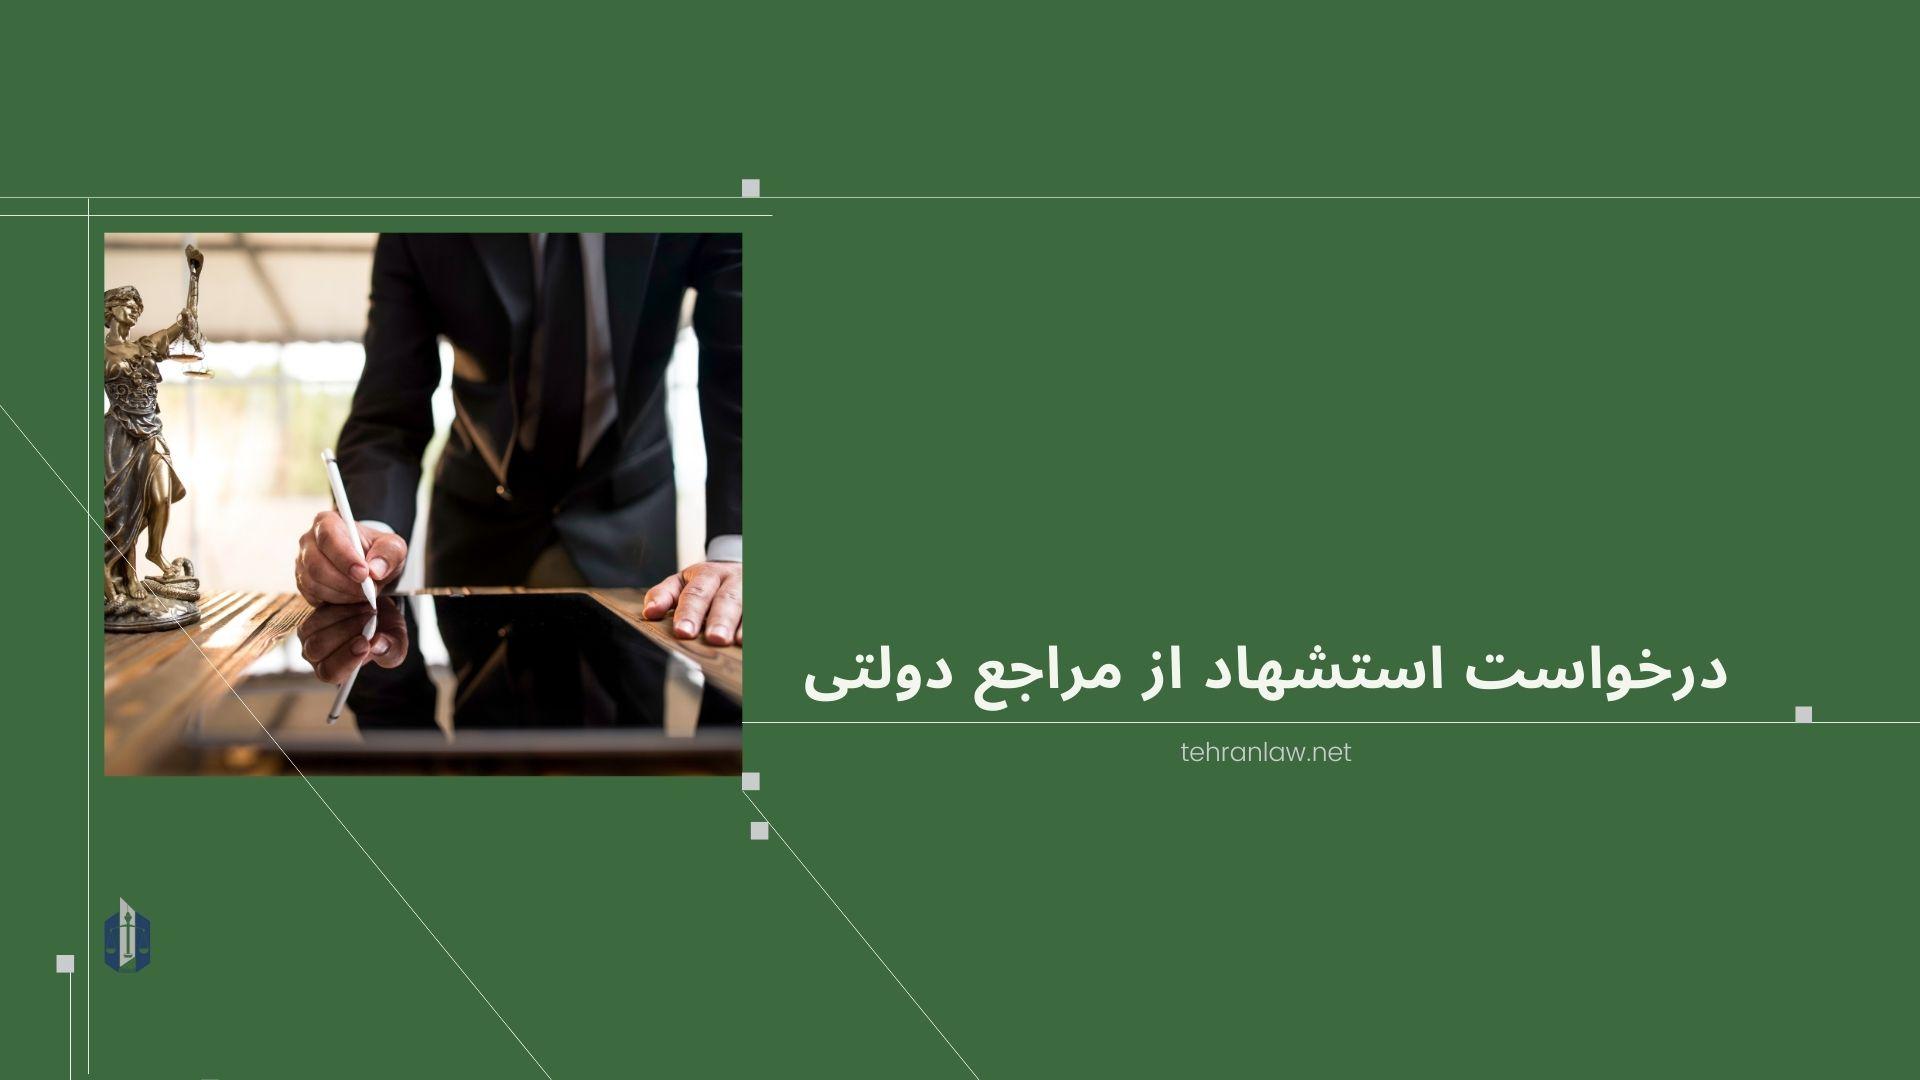 درخواست استشهاد از مراجع دولتی